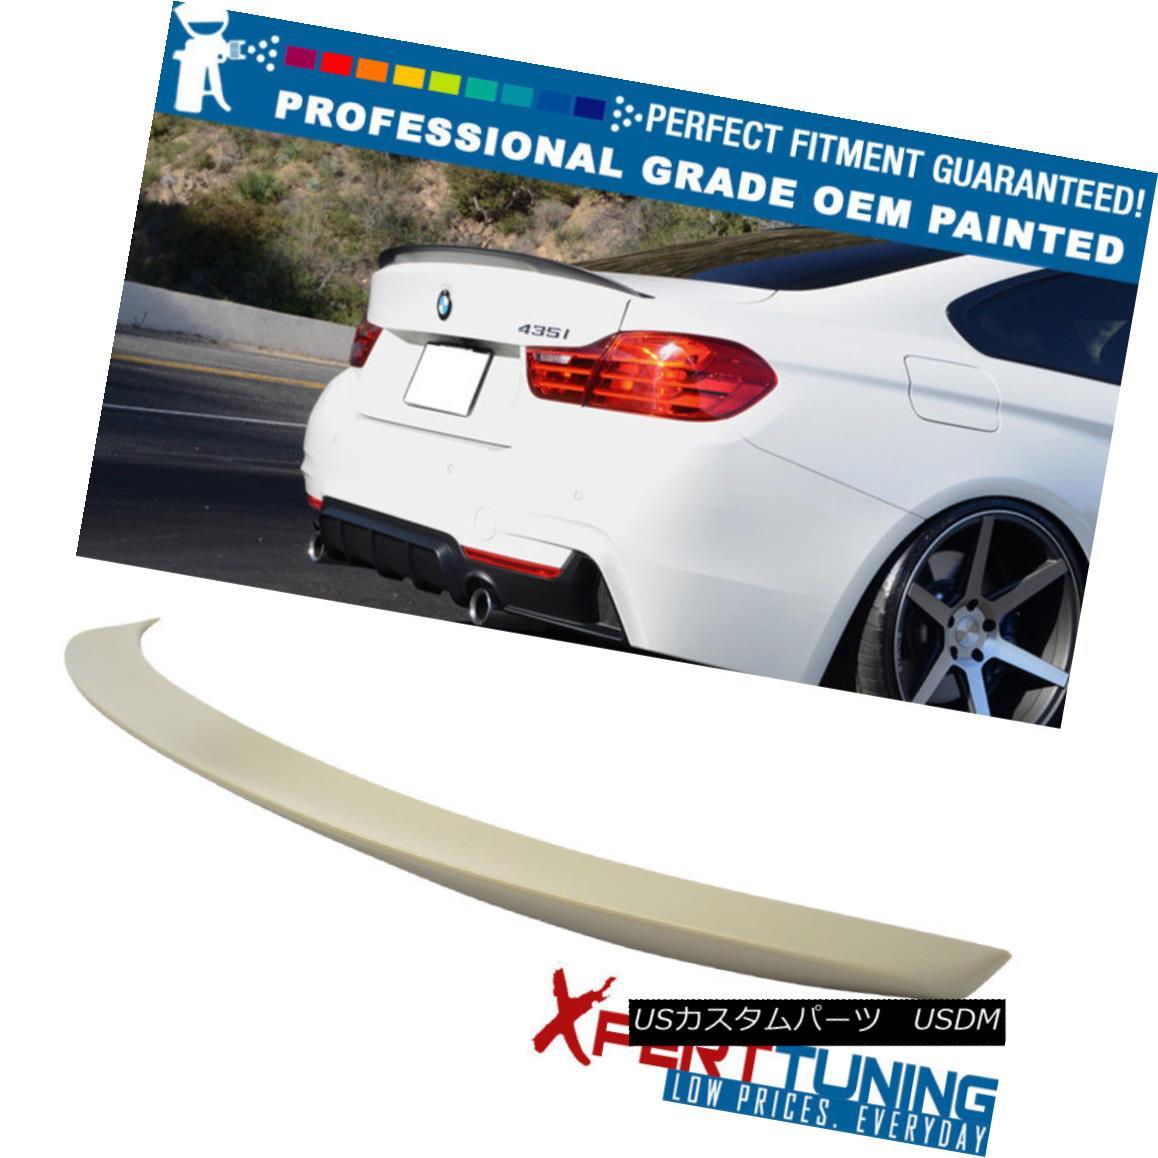 エアロパーツ 14-17 BMW 4 Series F32 2Dr Coupe Painted ABS Trunk Spoiler - OEM Painted Color 14-17 BMW 4シリーズF32 2Drクーペ塗装ABSトランク・スポイラー - OEM塗装色